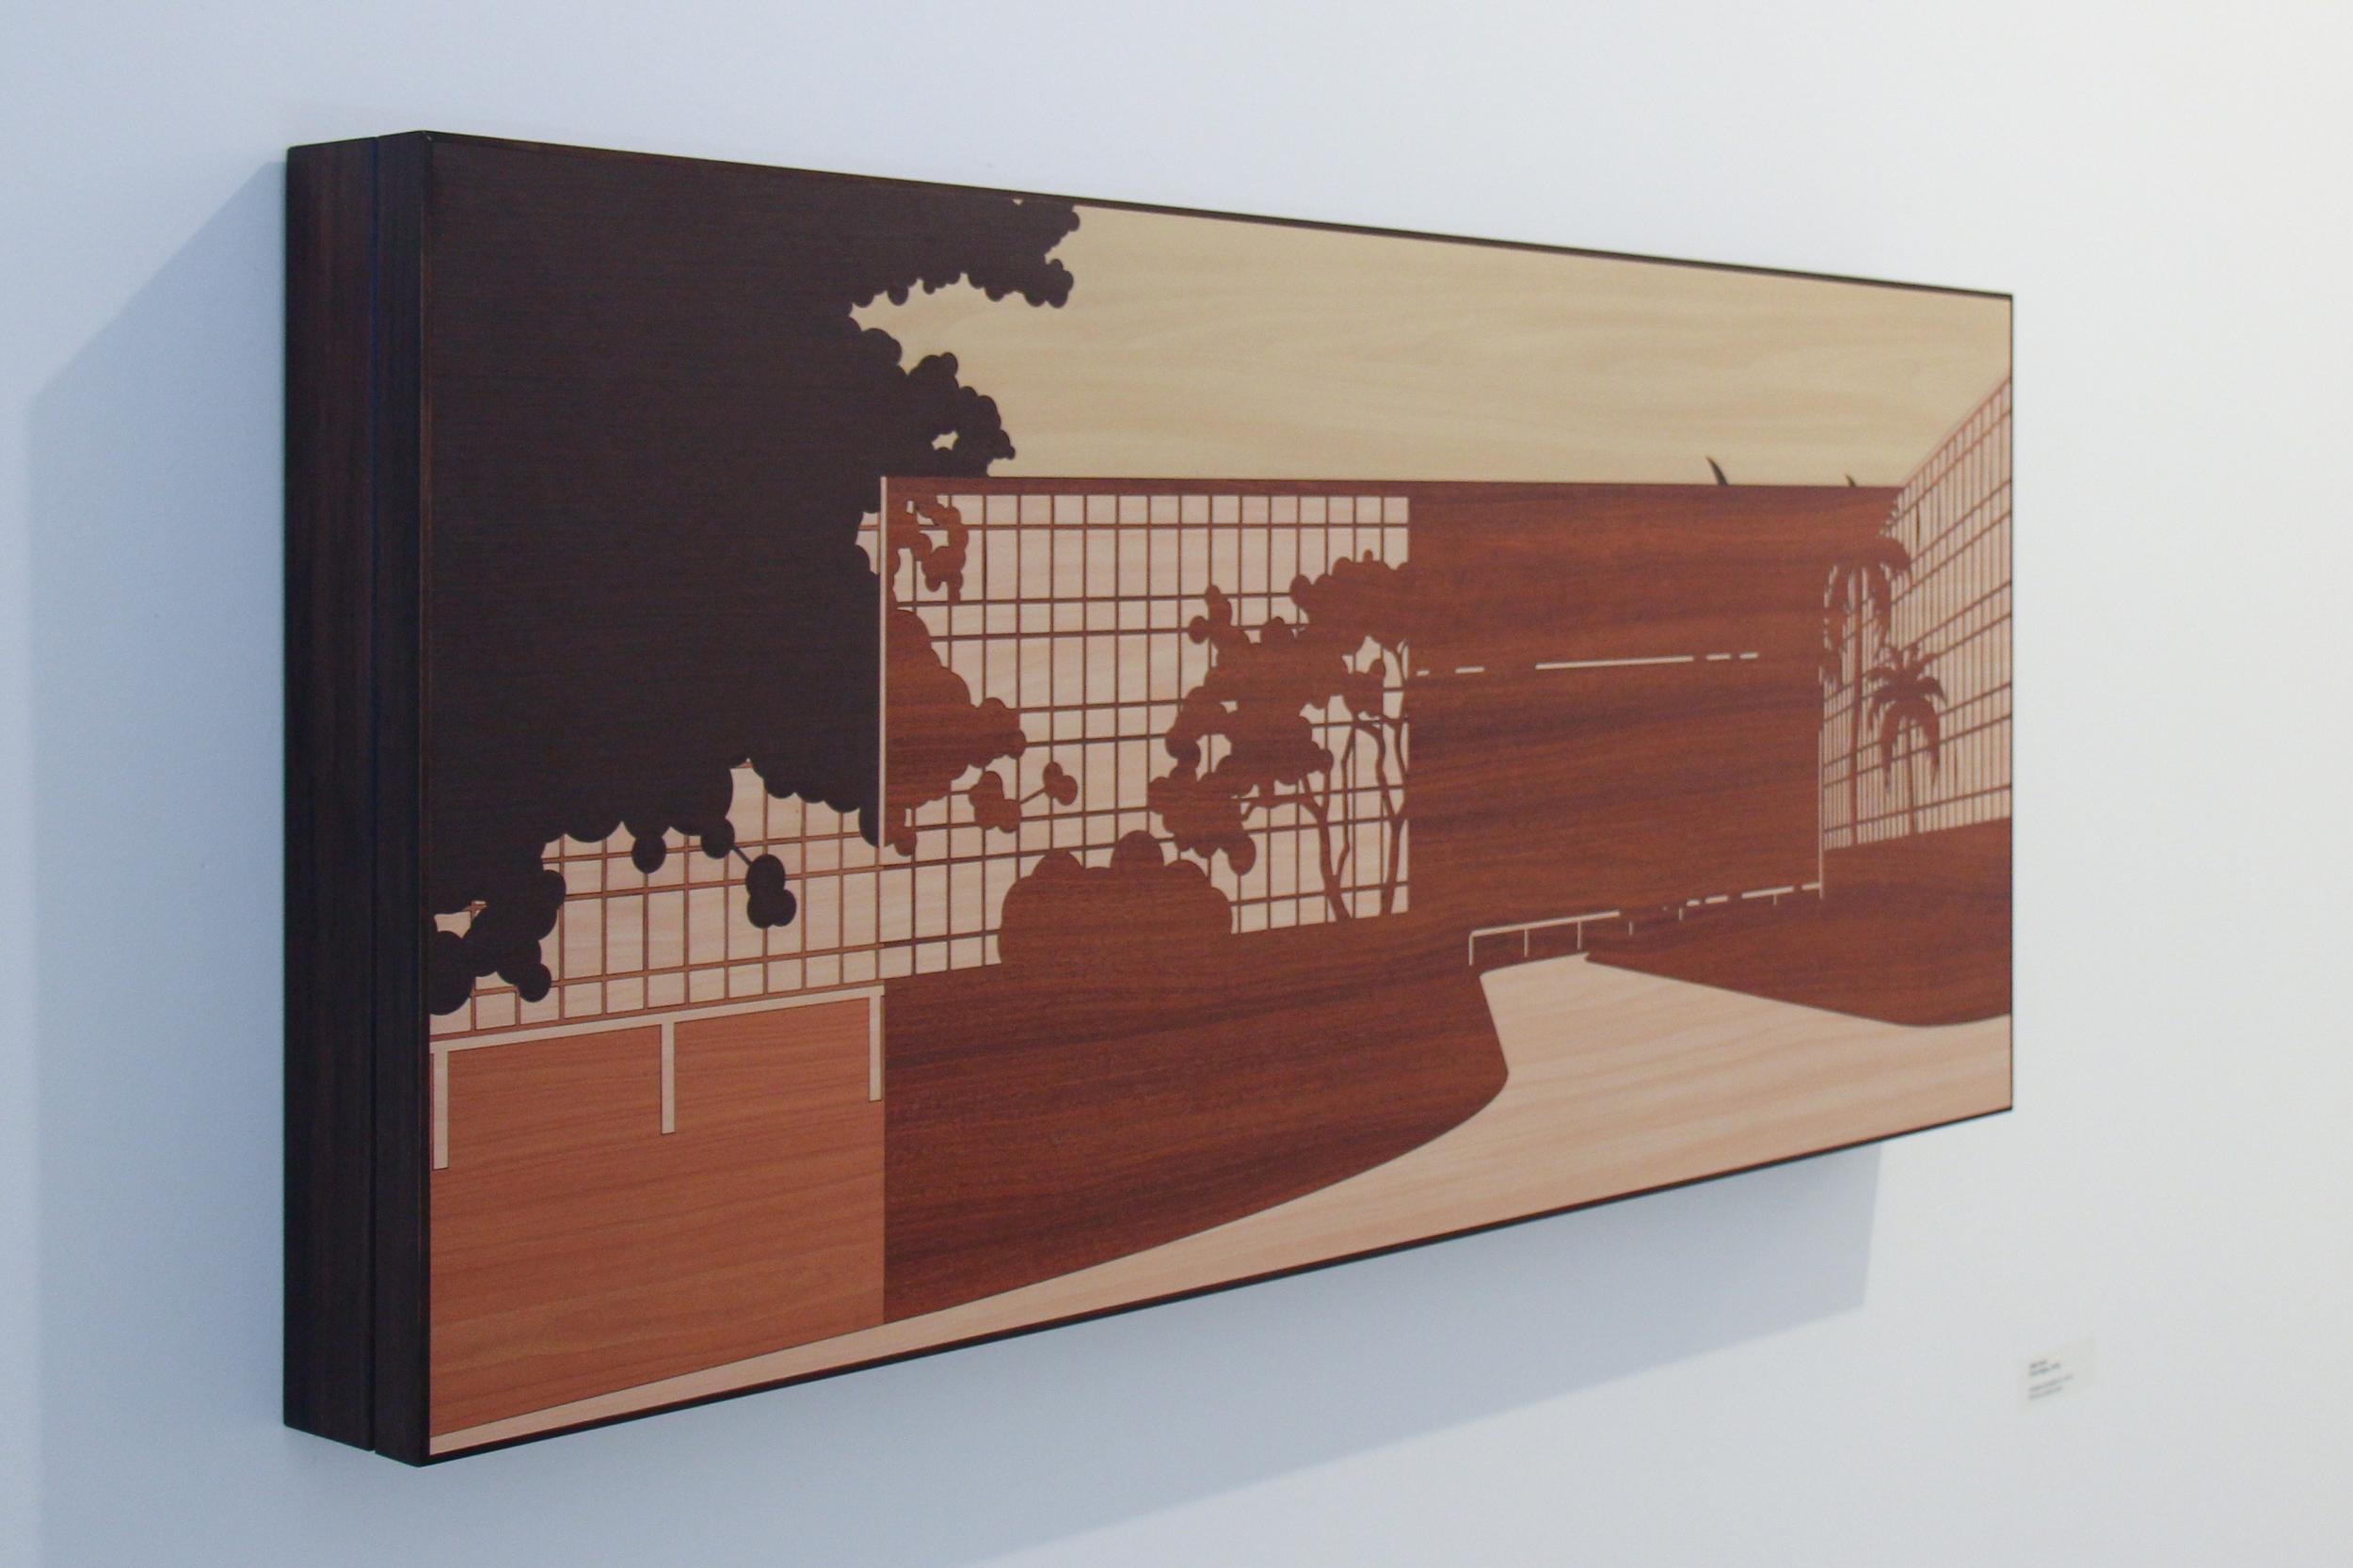 Coletiva    O Espírito de Cada Época •Instituto Figueiredo Ferraz  •Ribeirão Preto  •Maio de 2015  •Vista geral da exposição